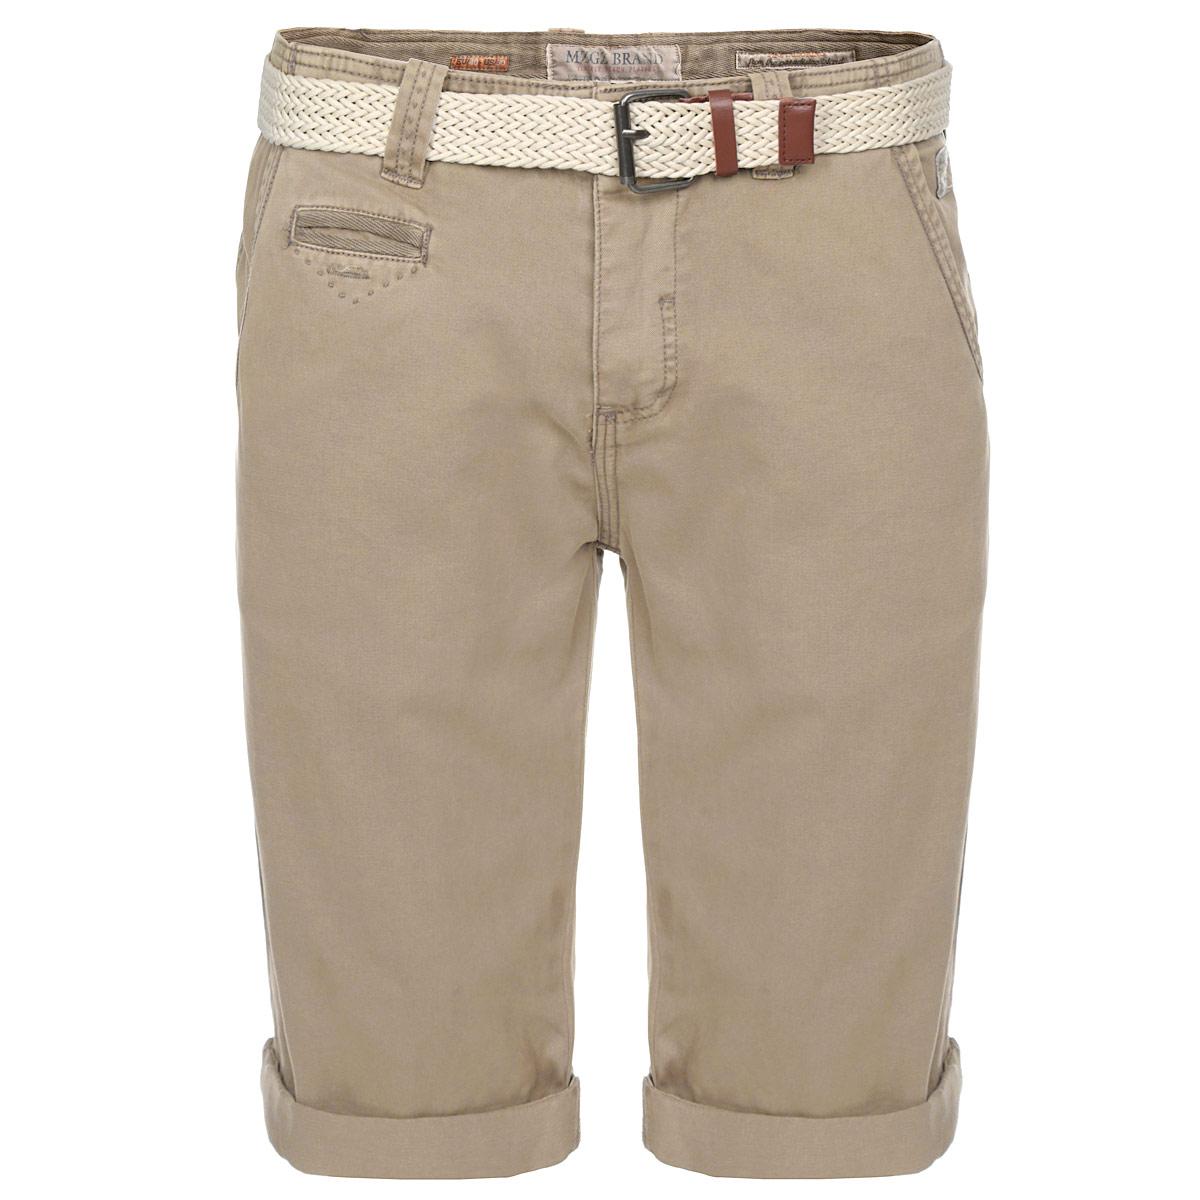 Шорты мужские Fusion StoneFusionSTONE/CAFFELATTEСтильные мужские шорты MeZaGuZ Fusion Stone, изготовленные из натурального хлопка, необычайно мягкие и приятные на ощупь, не сковывают движения, обеспечивая наибольший комфорт, позволяют коже «дышать». Модель прямого покроя с ширинкой на пуговичках, на талии также застегивается на пуговицу и имеет шлевки для ремня. В комплект входит плетеный ремень с металлической пряжкой, выполненный из шнура и оформленный дерматином. Спереди шорты дополнены двумя втачными карманами с косыми краями и небольшим карманом для мелочи, застегивающимся на небольшую пуговицу. Сзади также располагаются два кармана, застегивающиеся на пластиковые пуговицы. Края брючин оформлены не подшитыми отворотами, которые можно в любой момент развернуть, увеличив тем самым длину шорт. Эти шорты идеальный вариант для жарких летних дней.